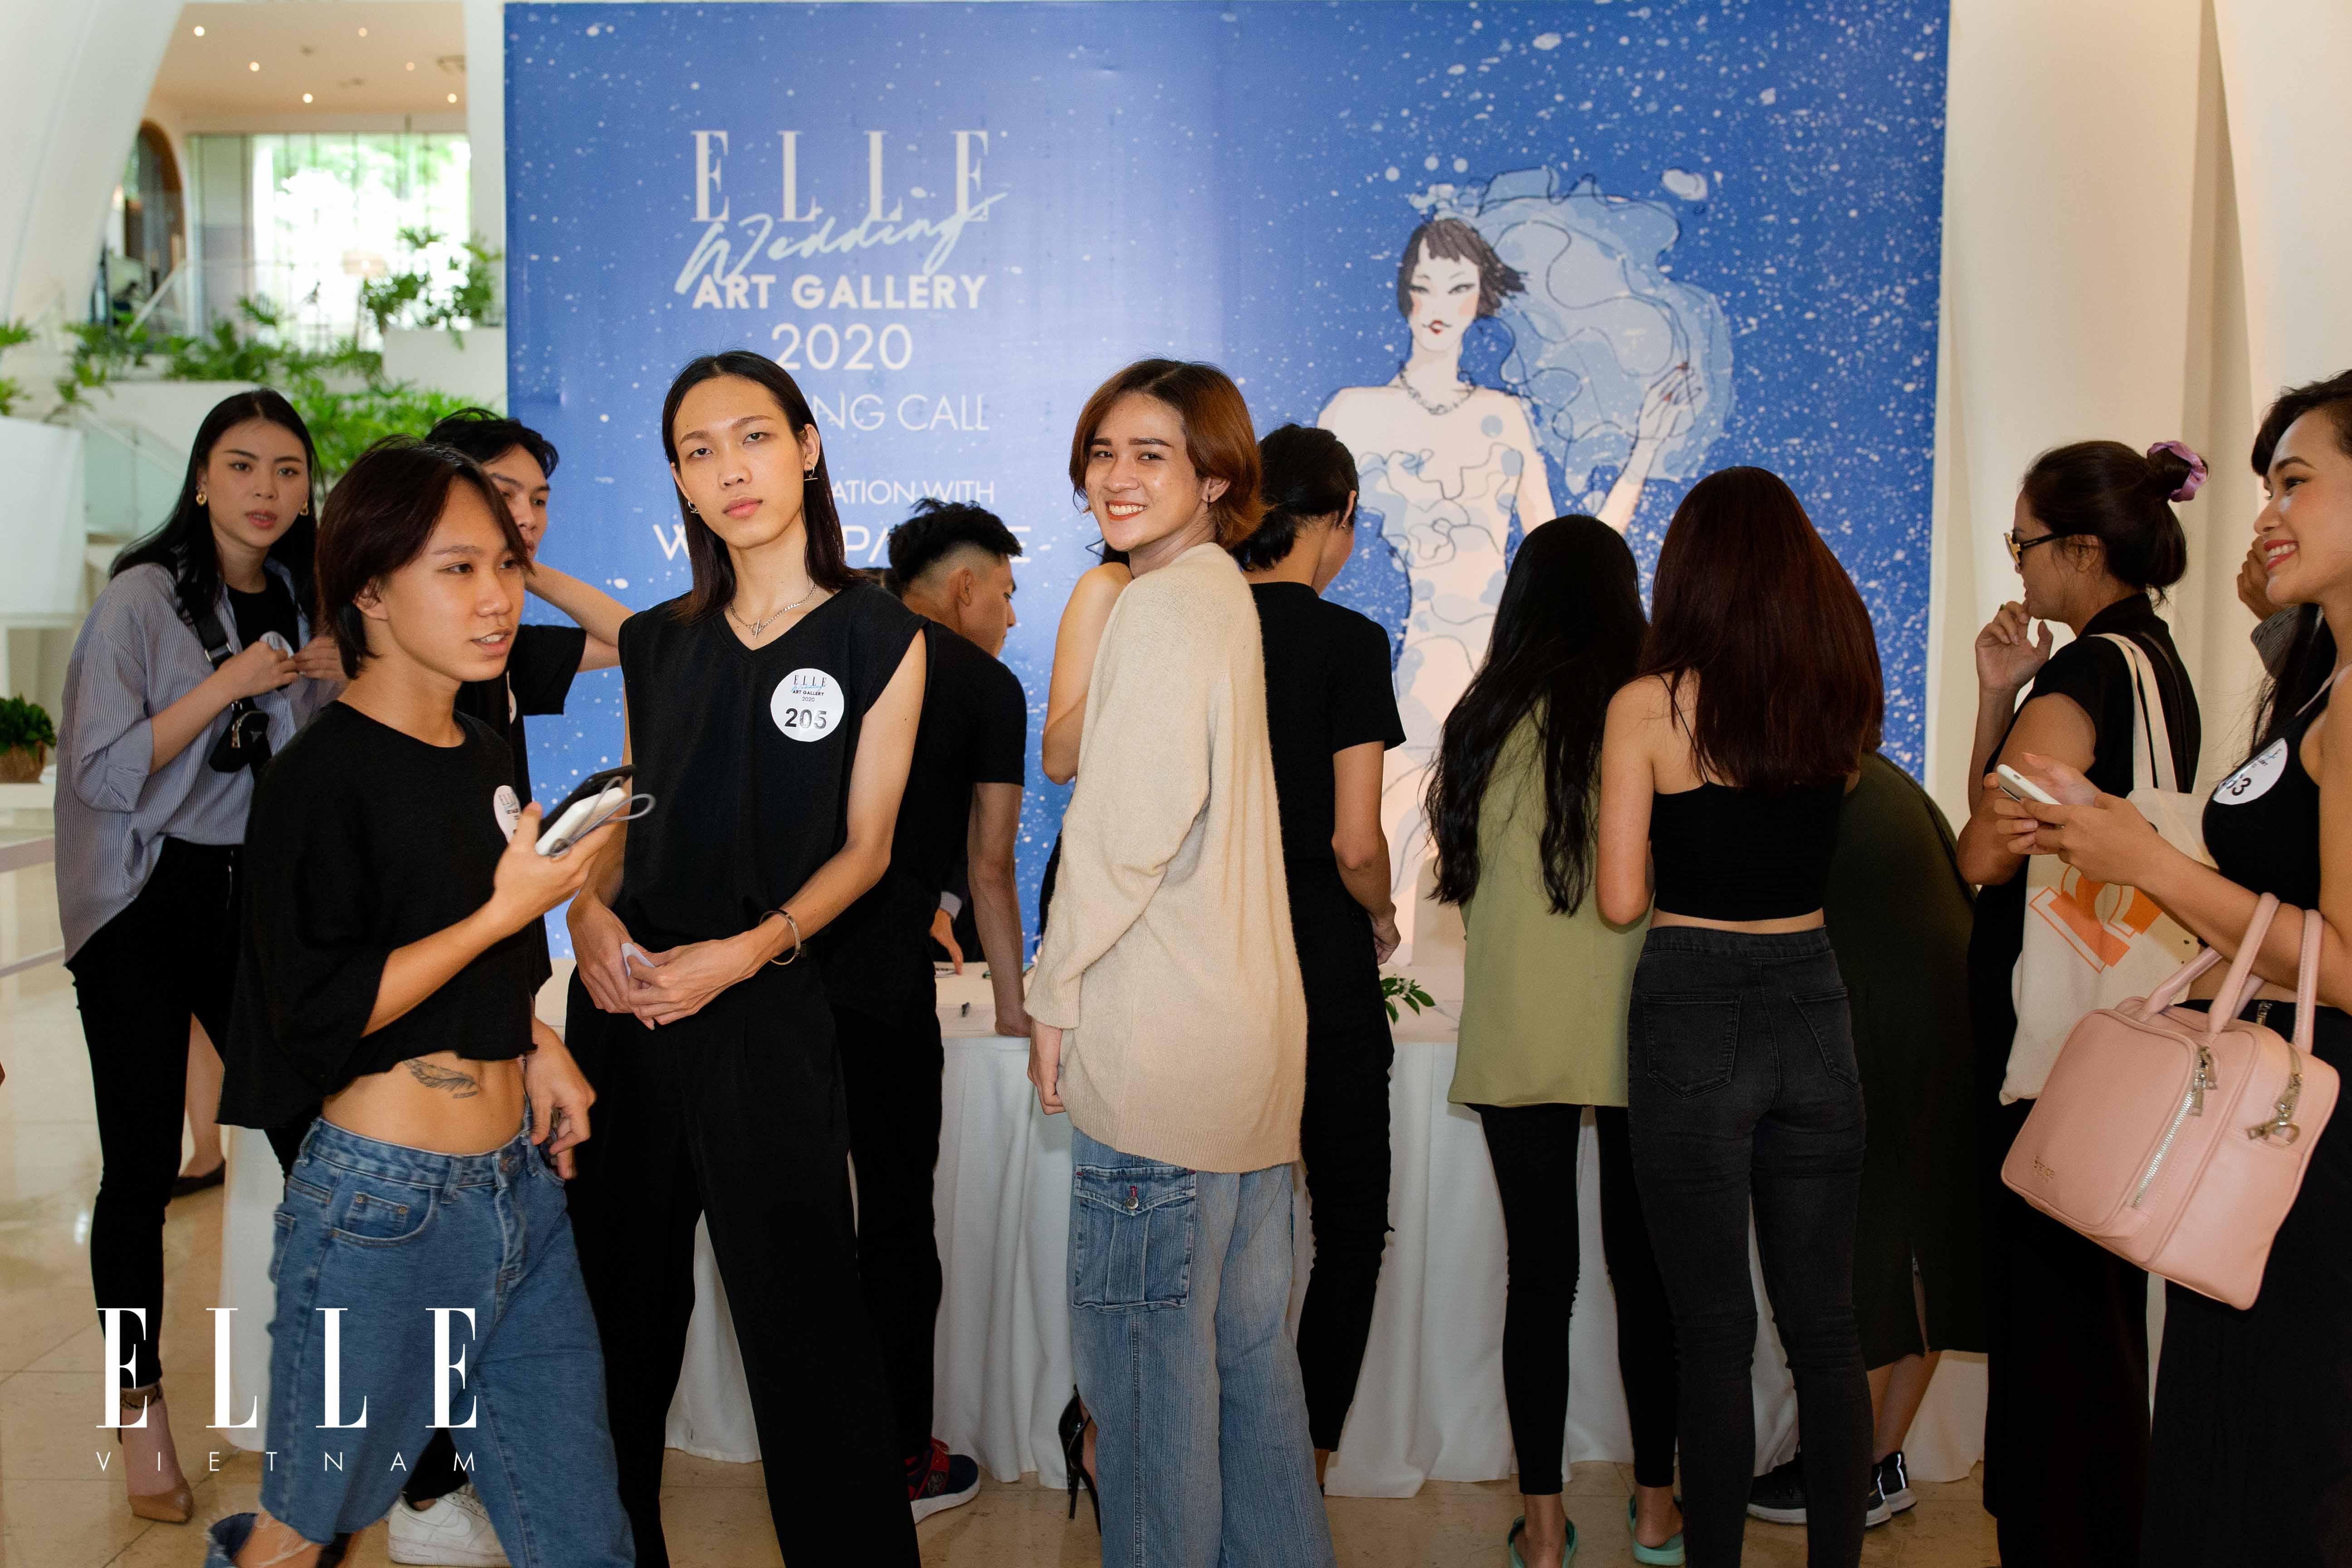 người mẫu tại phòng chờ buổi tuyển chọn cho elle wedding art gallery white palace